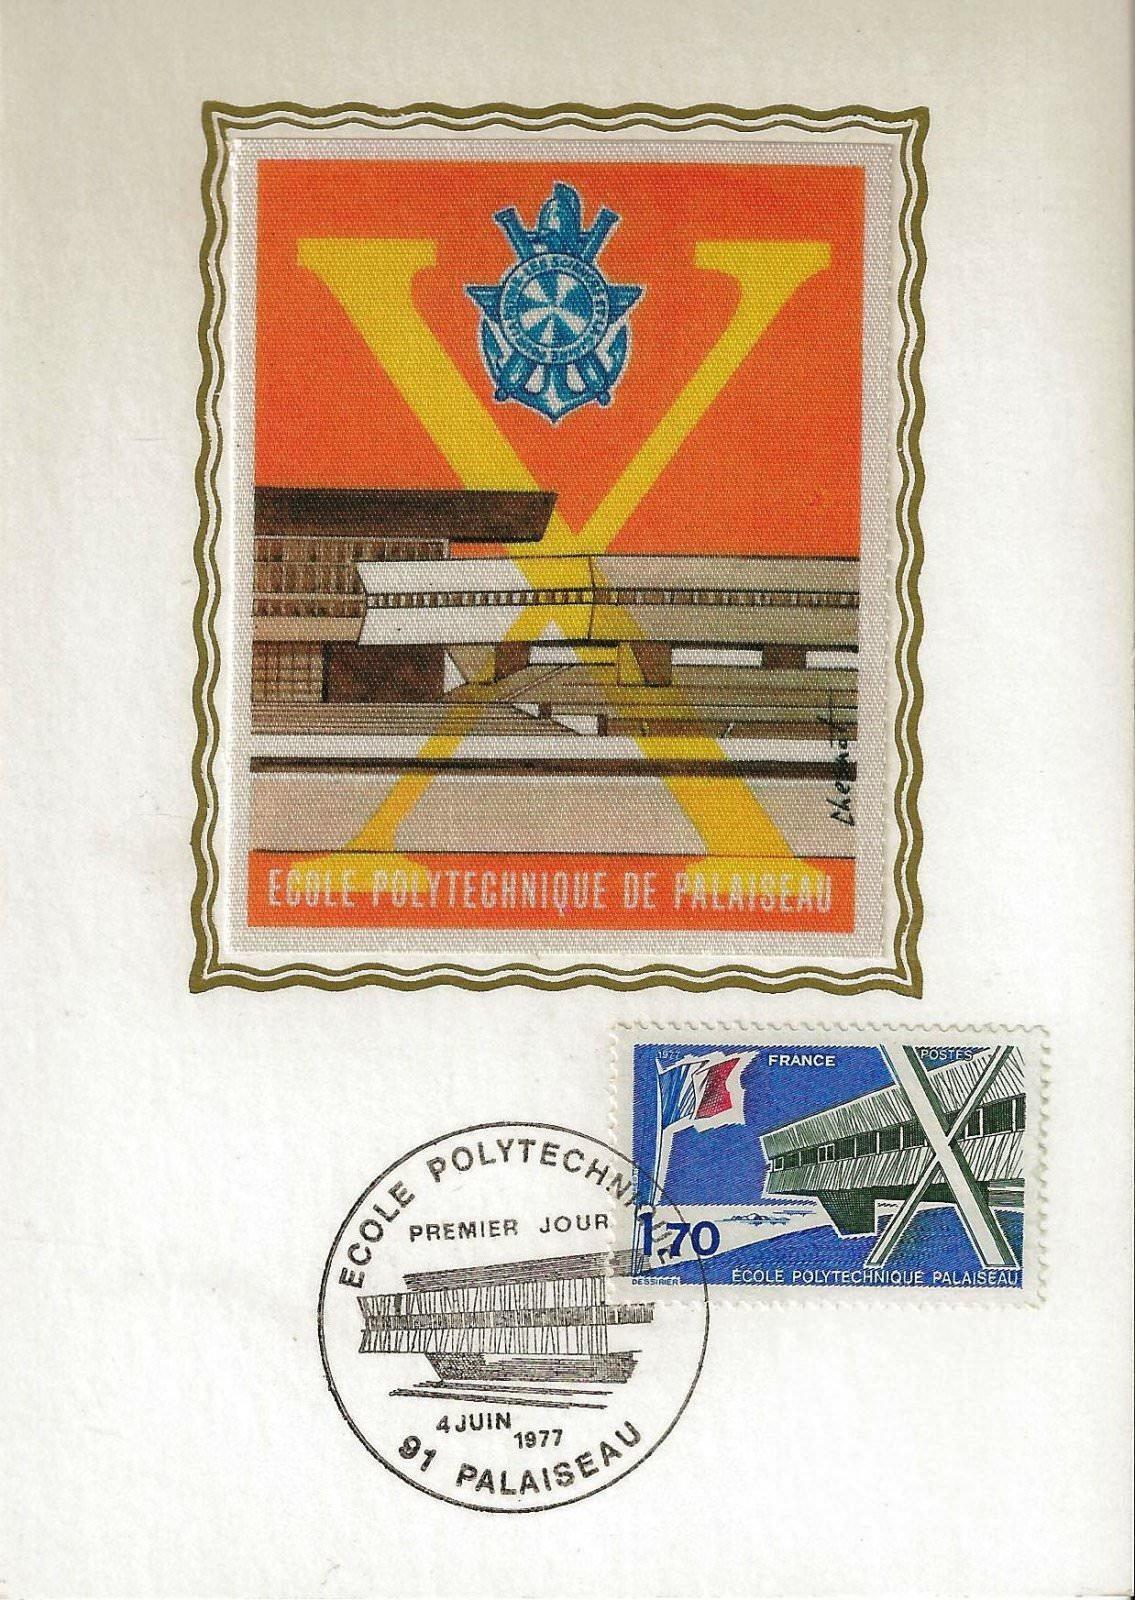 1977ECOLE POLYTECHNIQUE